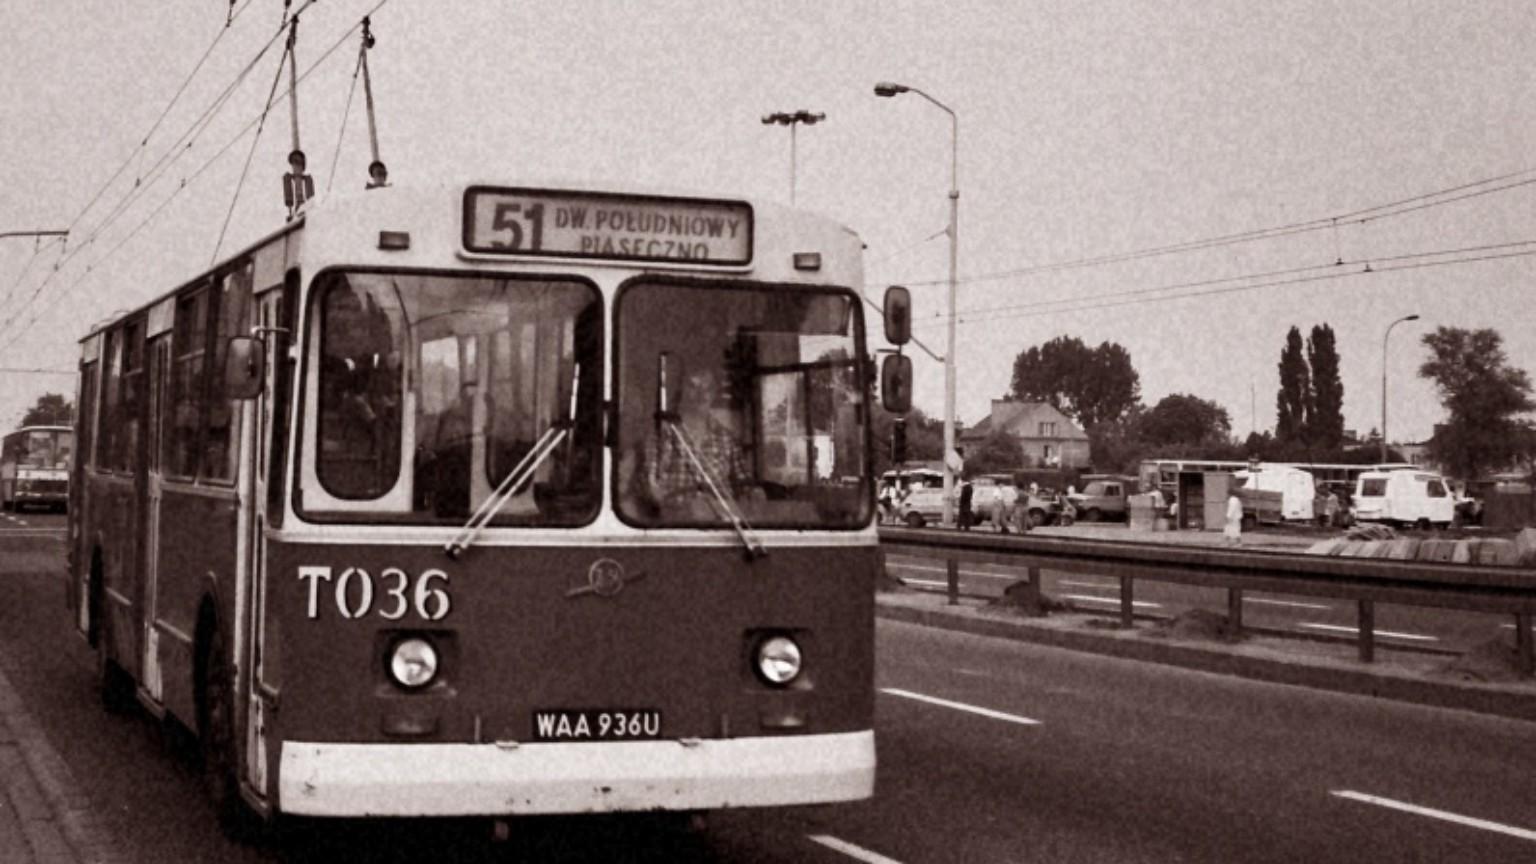 Zdjęcie dla kartki: Ostatni warszawski trolejbus